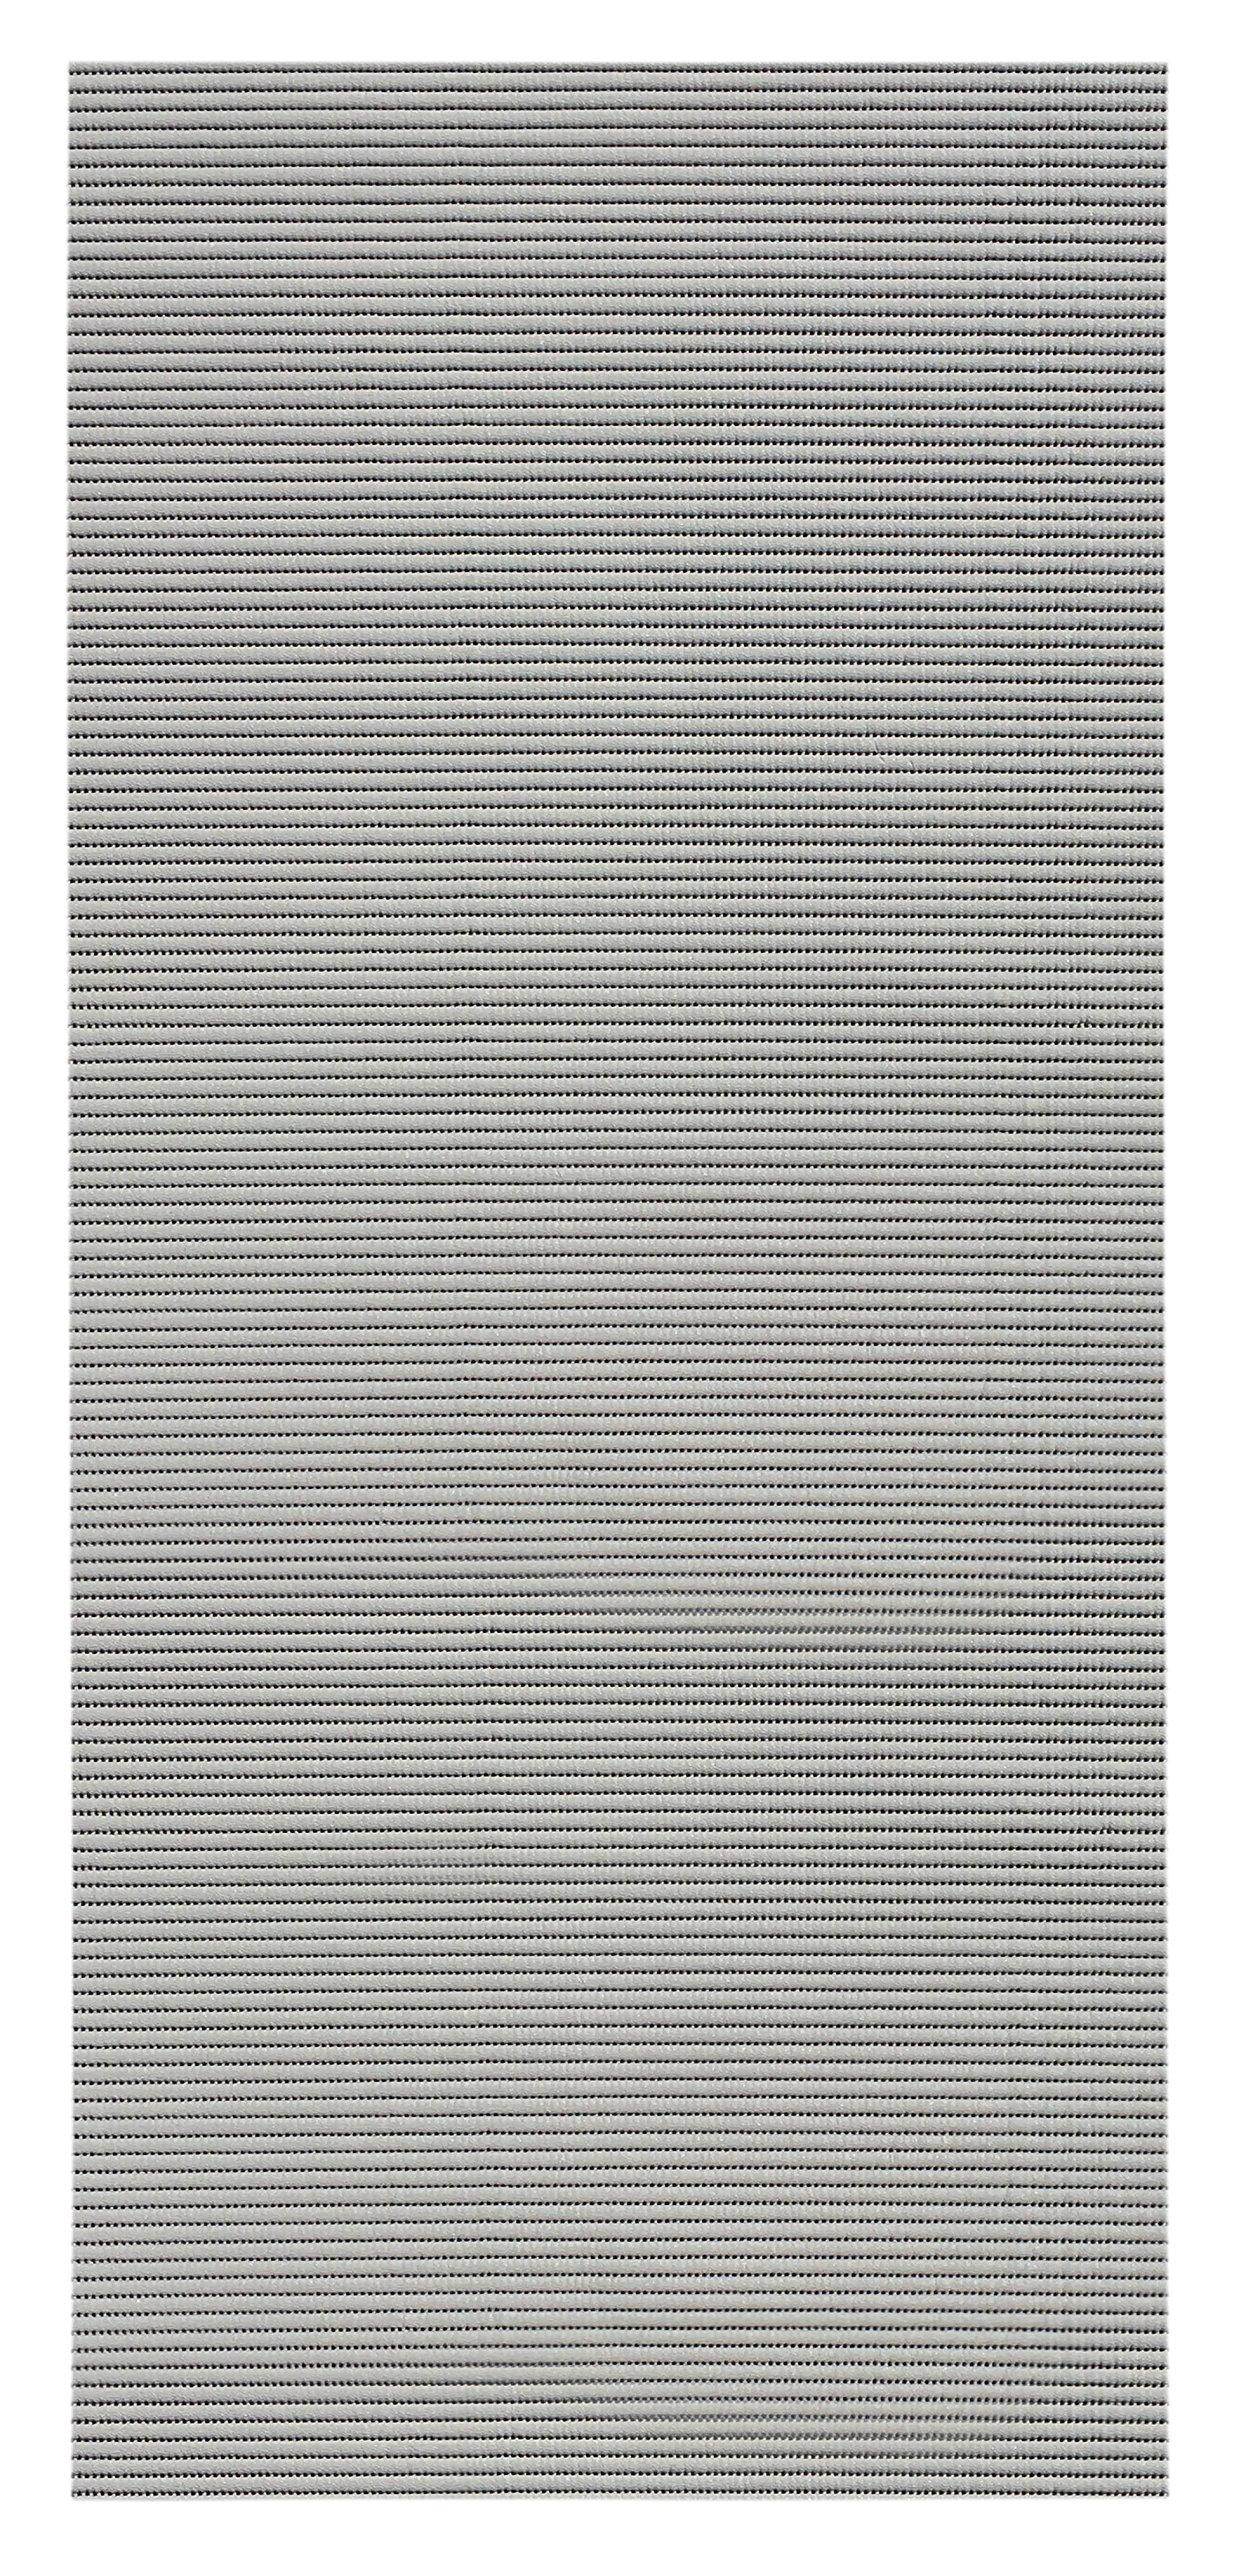 2-feet X 6-feet Foam Rubber Runner Rug | Silver Grey Solid Design Modern Floor Runner 2X6